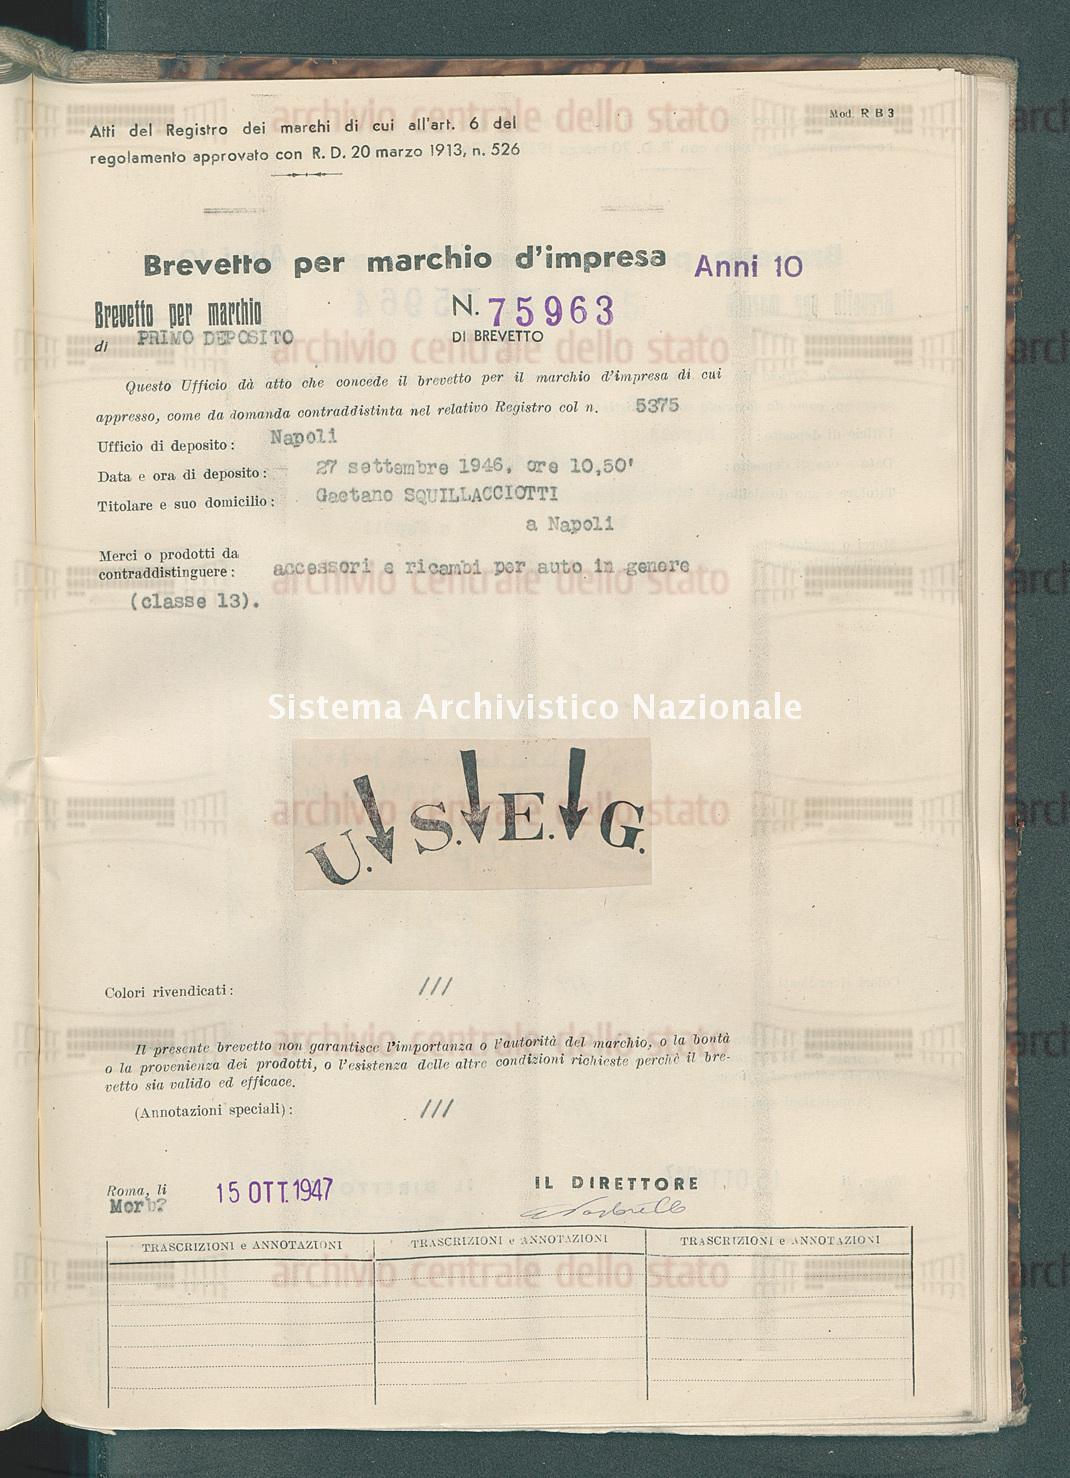 Accessori e ricambi per auto in genere Gaetano Squillacciotti (15/10/1947)